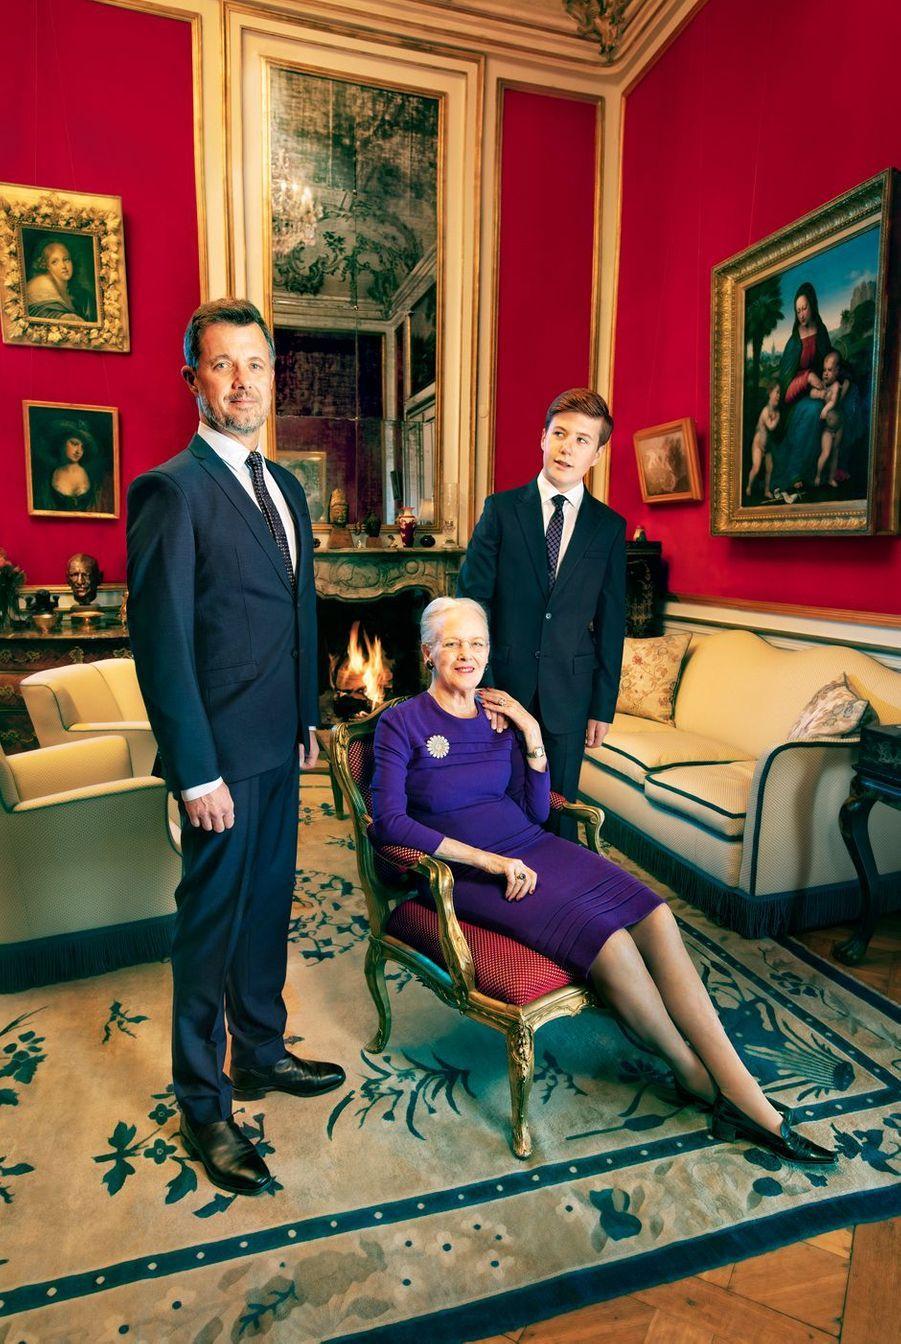 Nouveau portrait officiel de la reine Margrethe II de Danemark, pour ses 80 ans, avec ses héritiers, son fils le prince Frederik et son petit-fils le prince Christian. Photo diffusée le 14 avril 2020